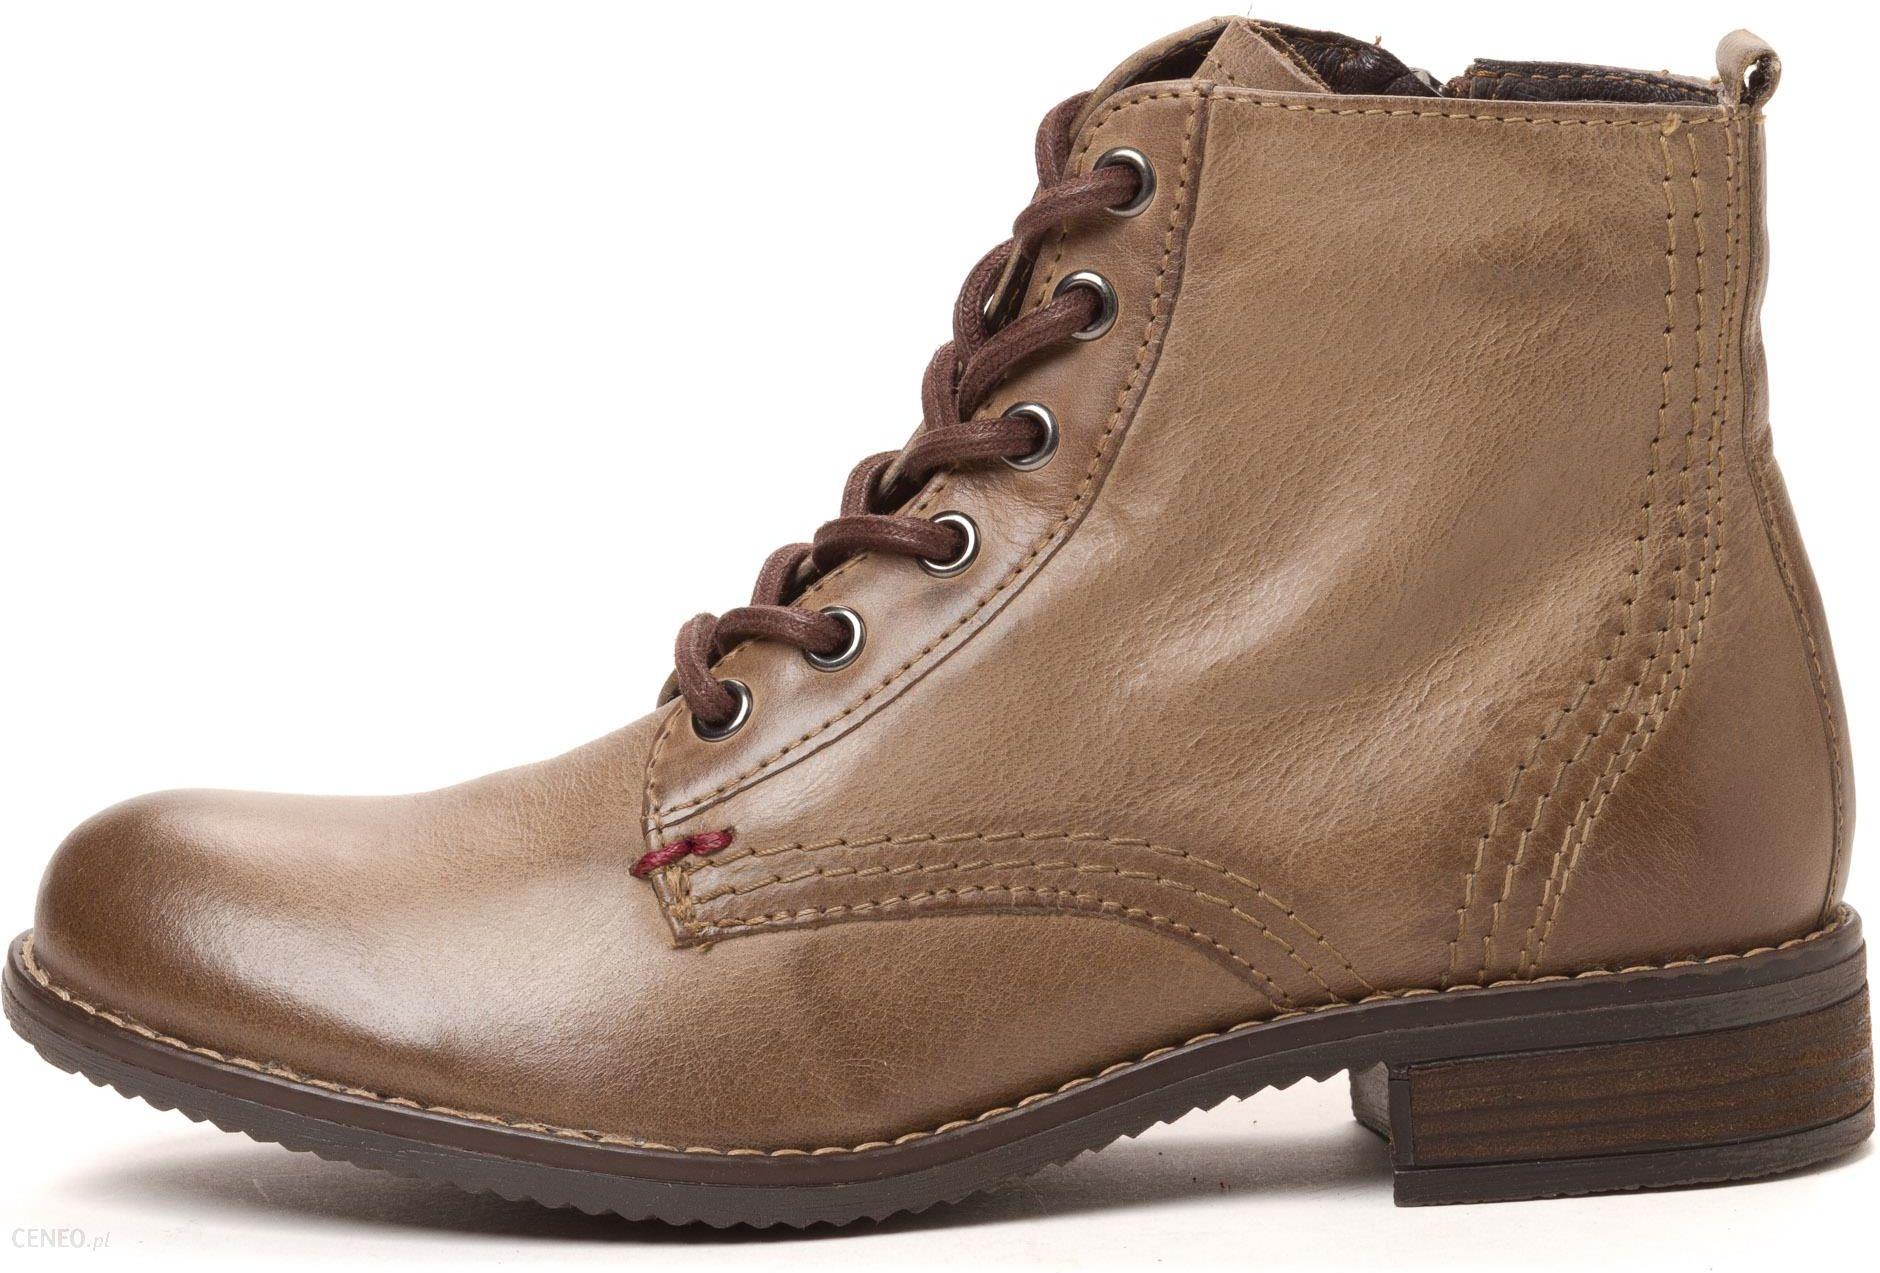 4f3e58369bfb60 Klondike buty za kostkę damskie 38 brązowy - Ceny i opinie - Ceneo.pl